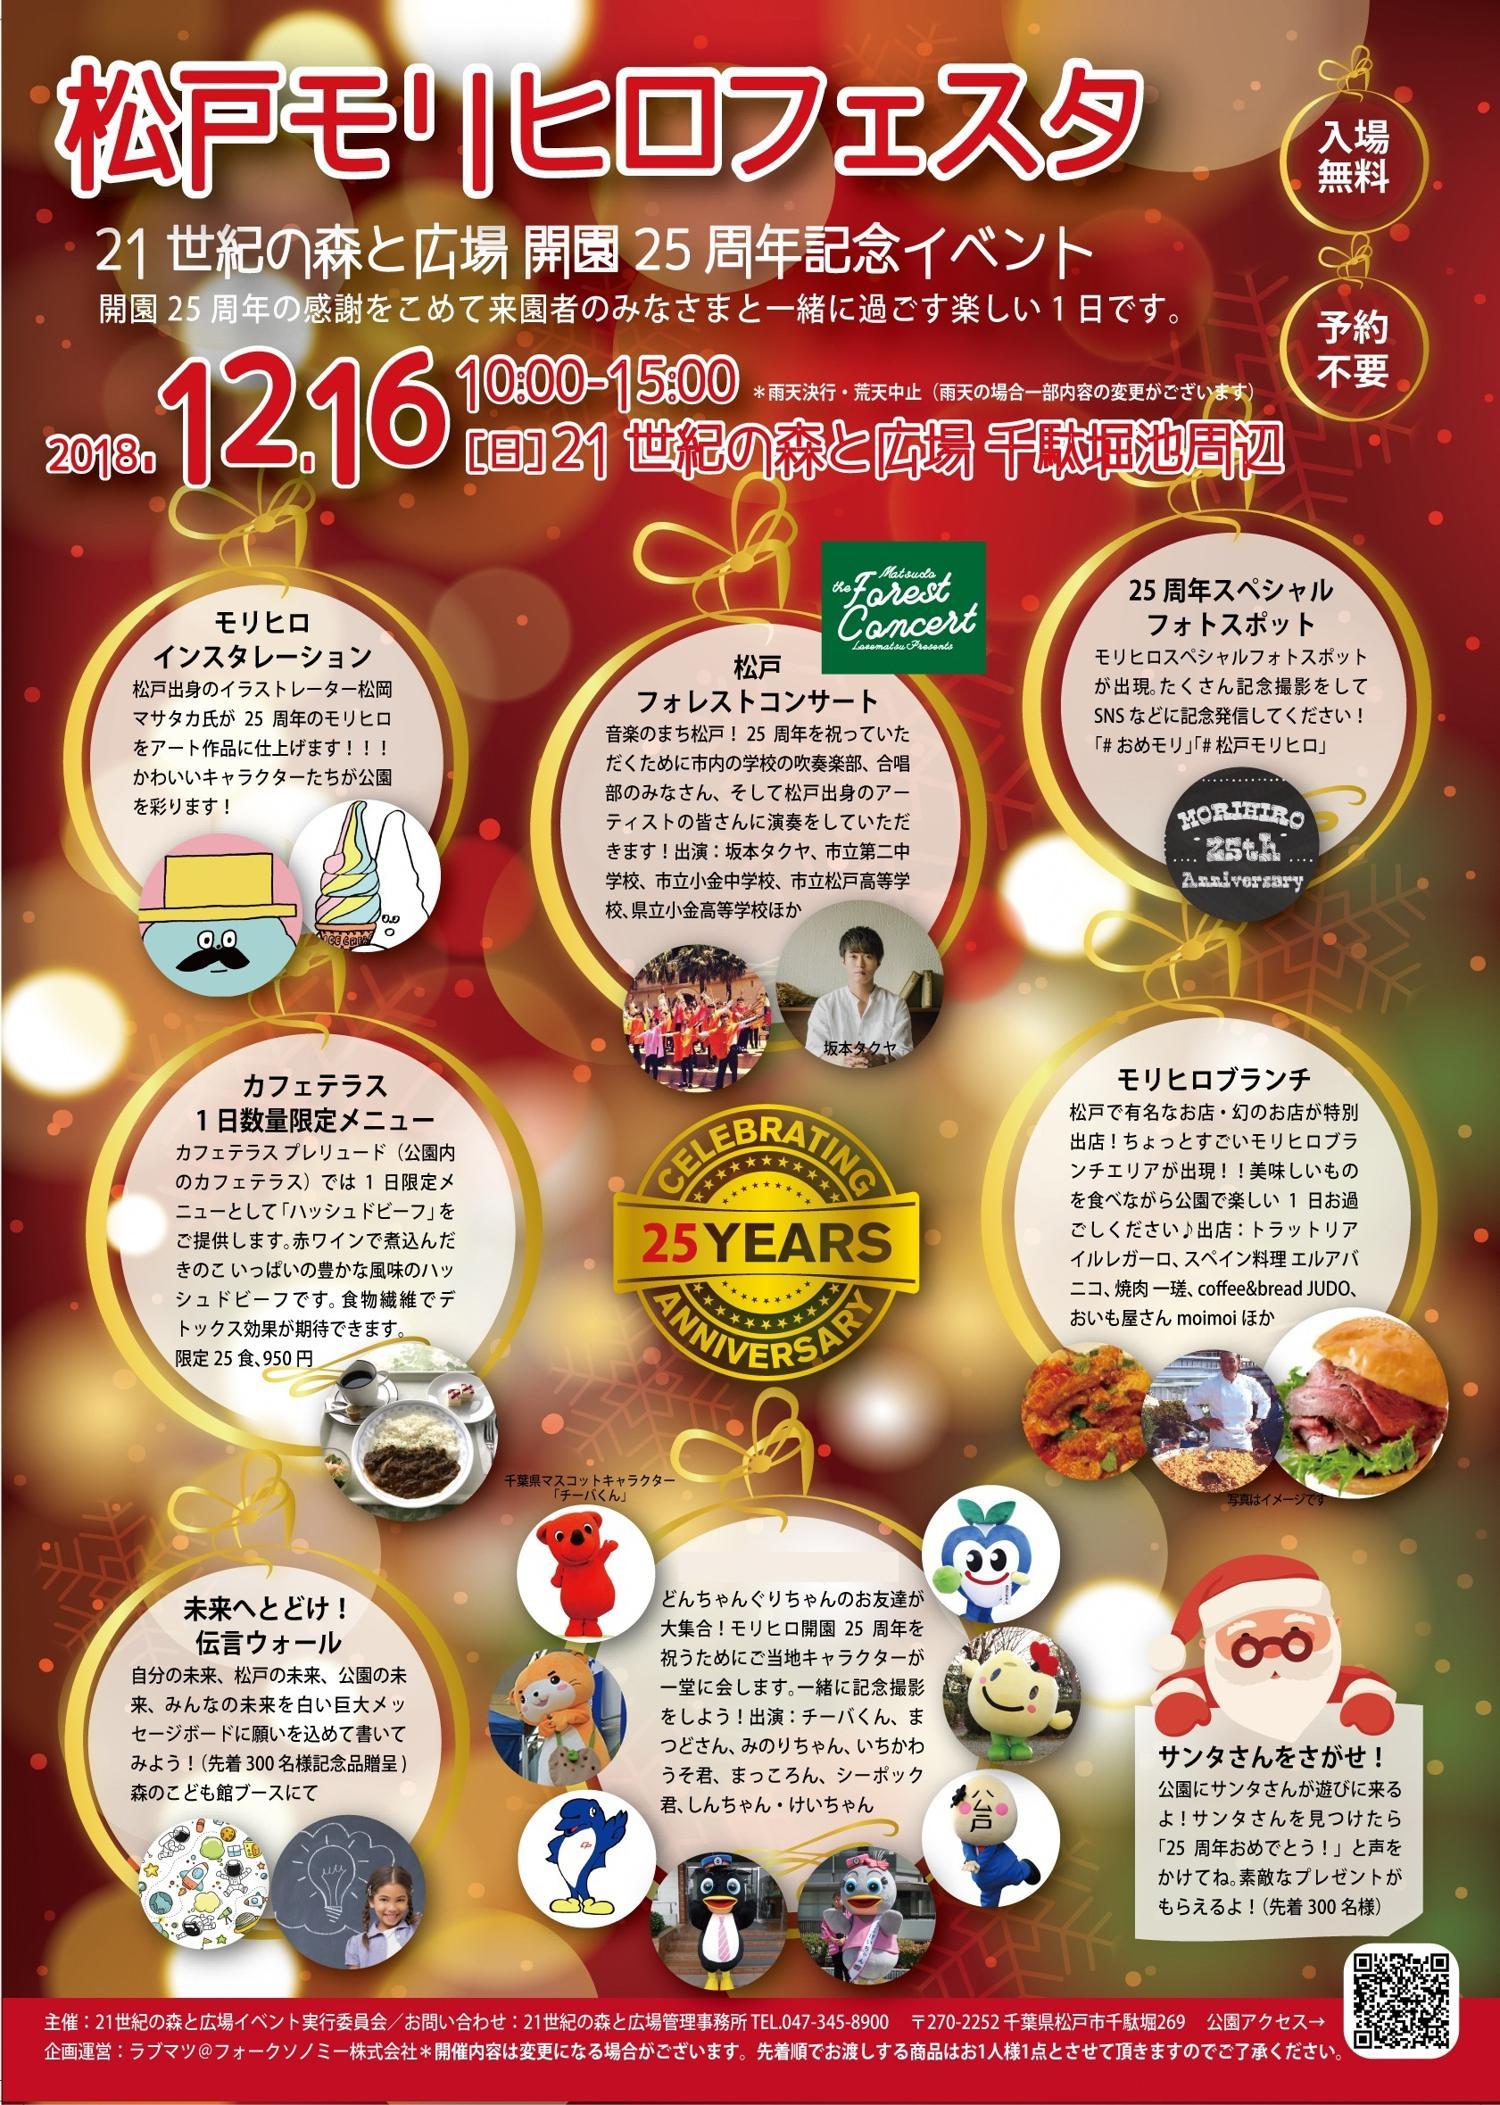 12/16(日)開園25周年記念「松戸モリヒロフェスタ」開催